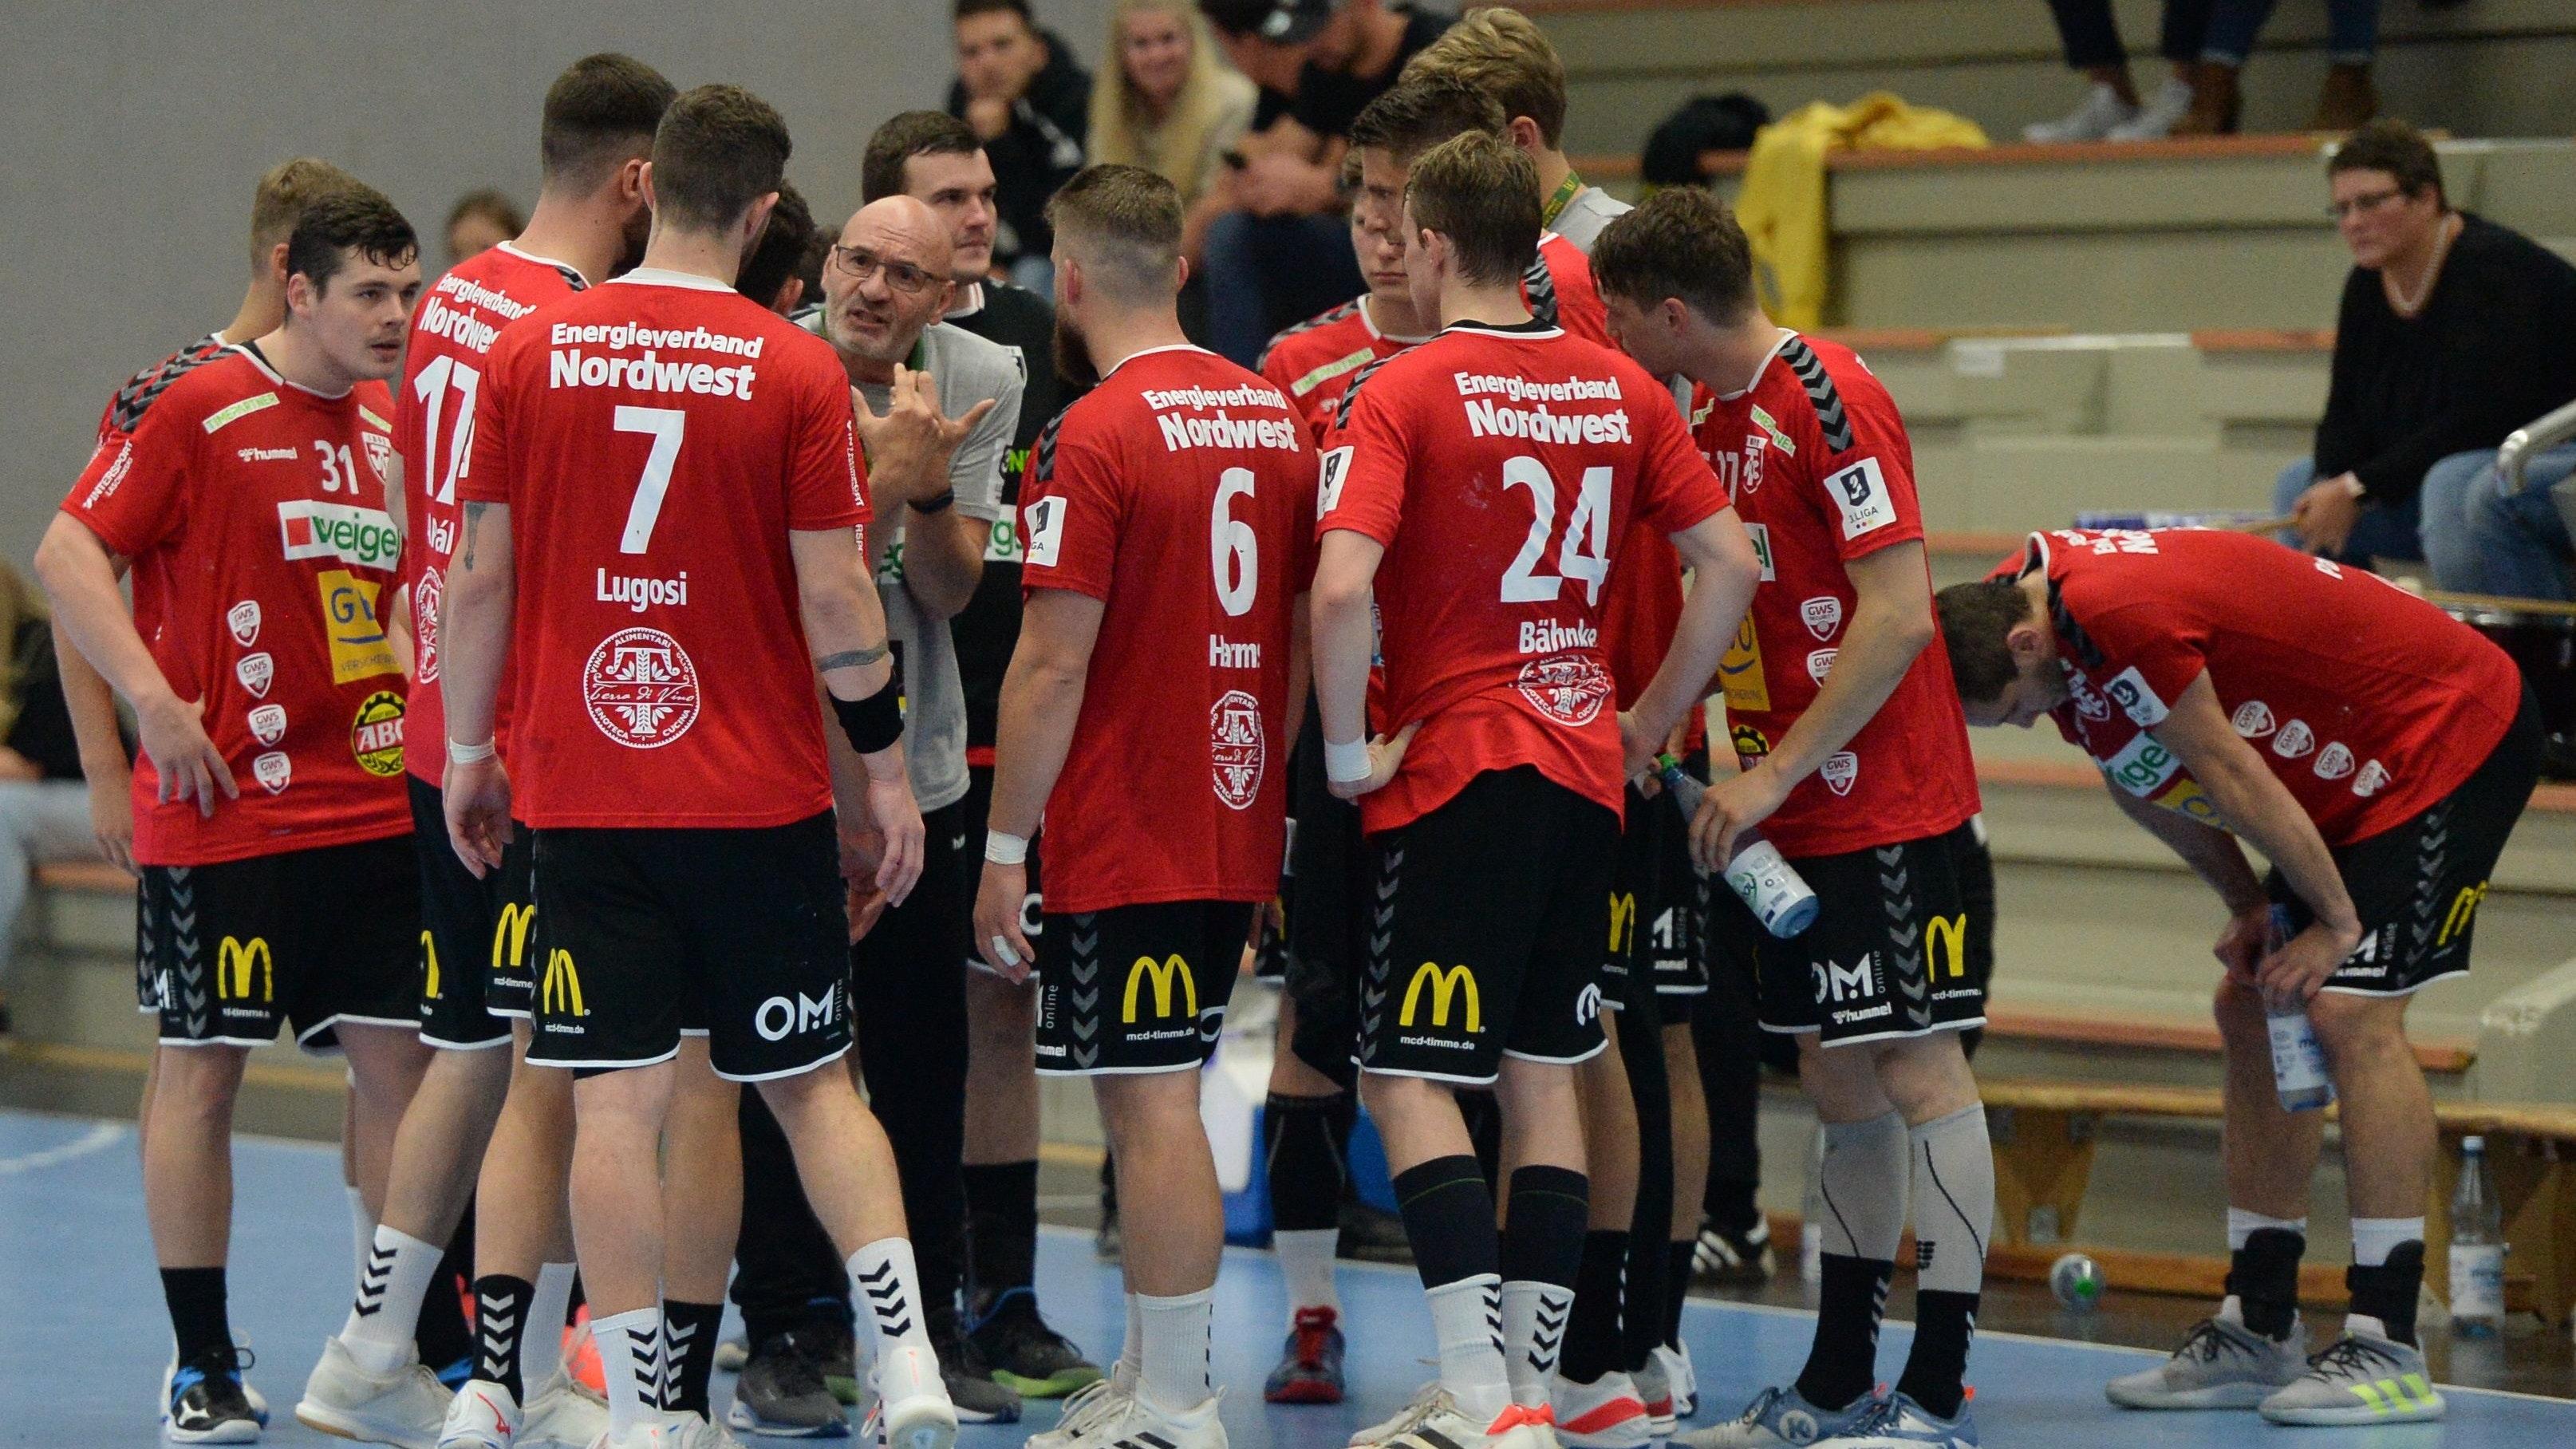 Frust im Cloppenburger Lager: Der TVC kassierte im vierten Saisonspiel der 3. Liga die vierte Niederlage. Die Partie gegen die TSG A-H Bielefeld ging mit 27:30 verloren. Foto: Langosch